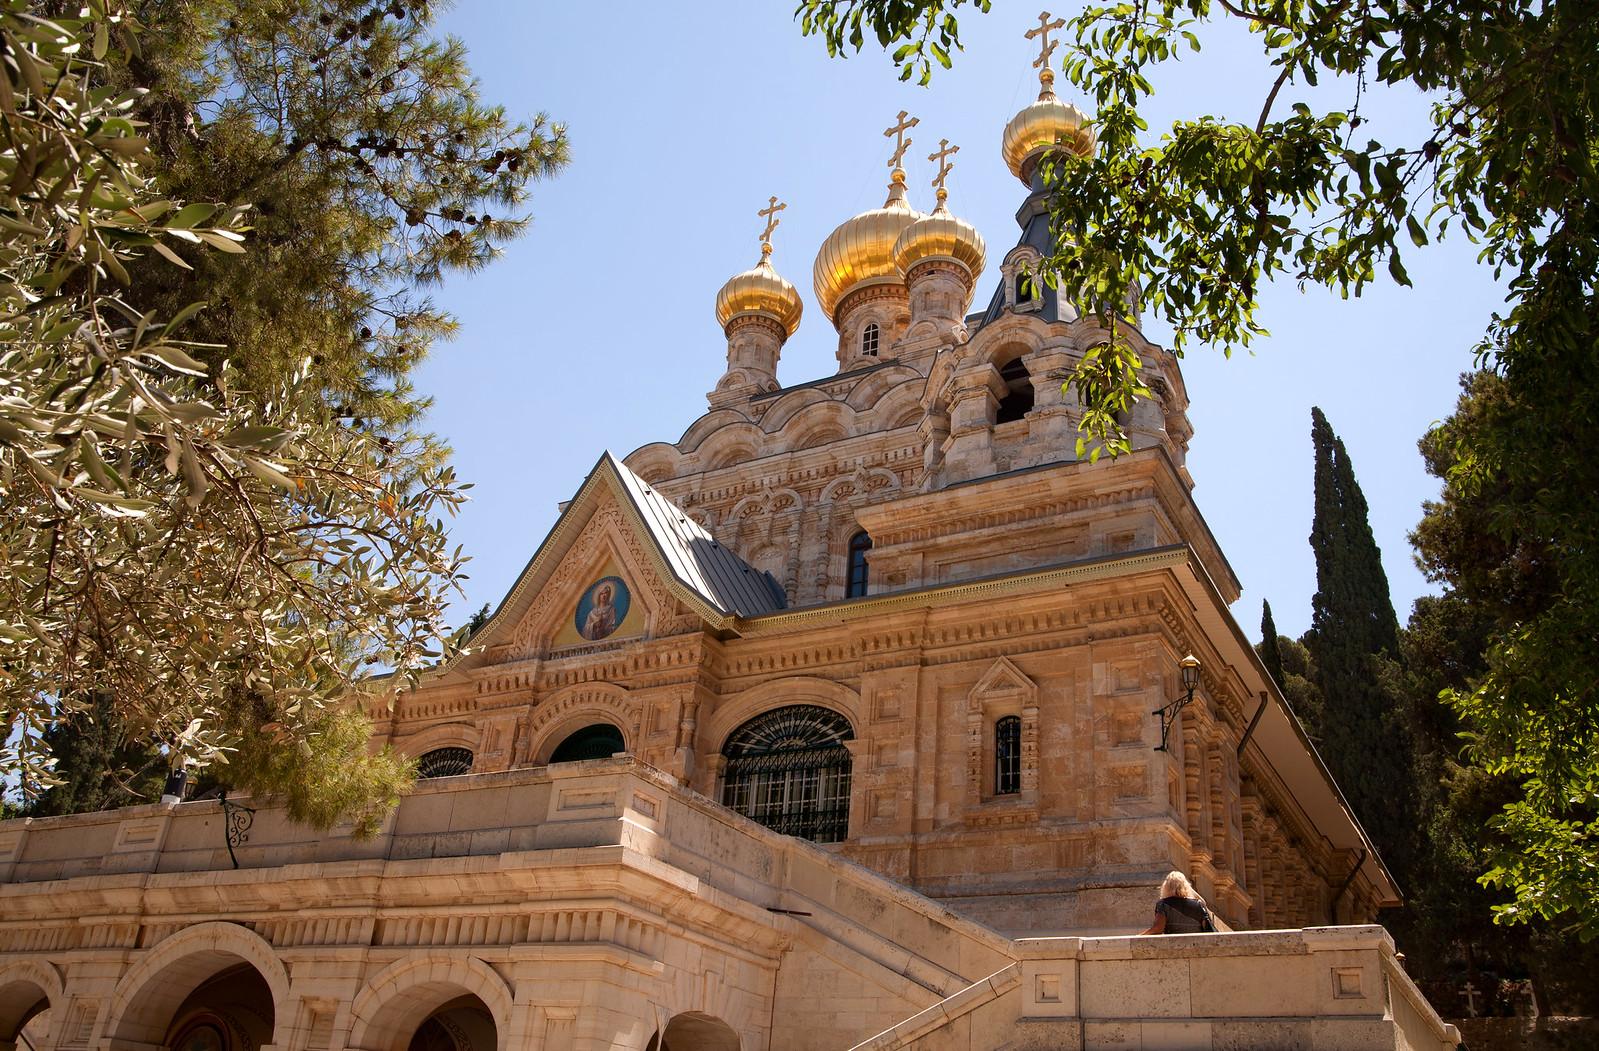 Jerusalem_Church of Mary Magdalene_1_Noam Chen_IMOT